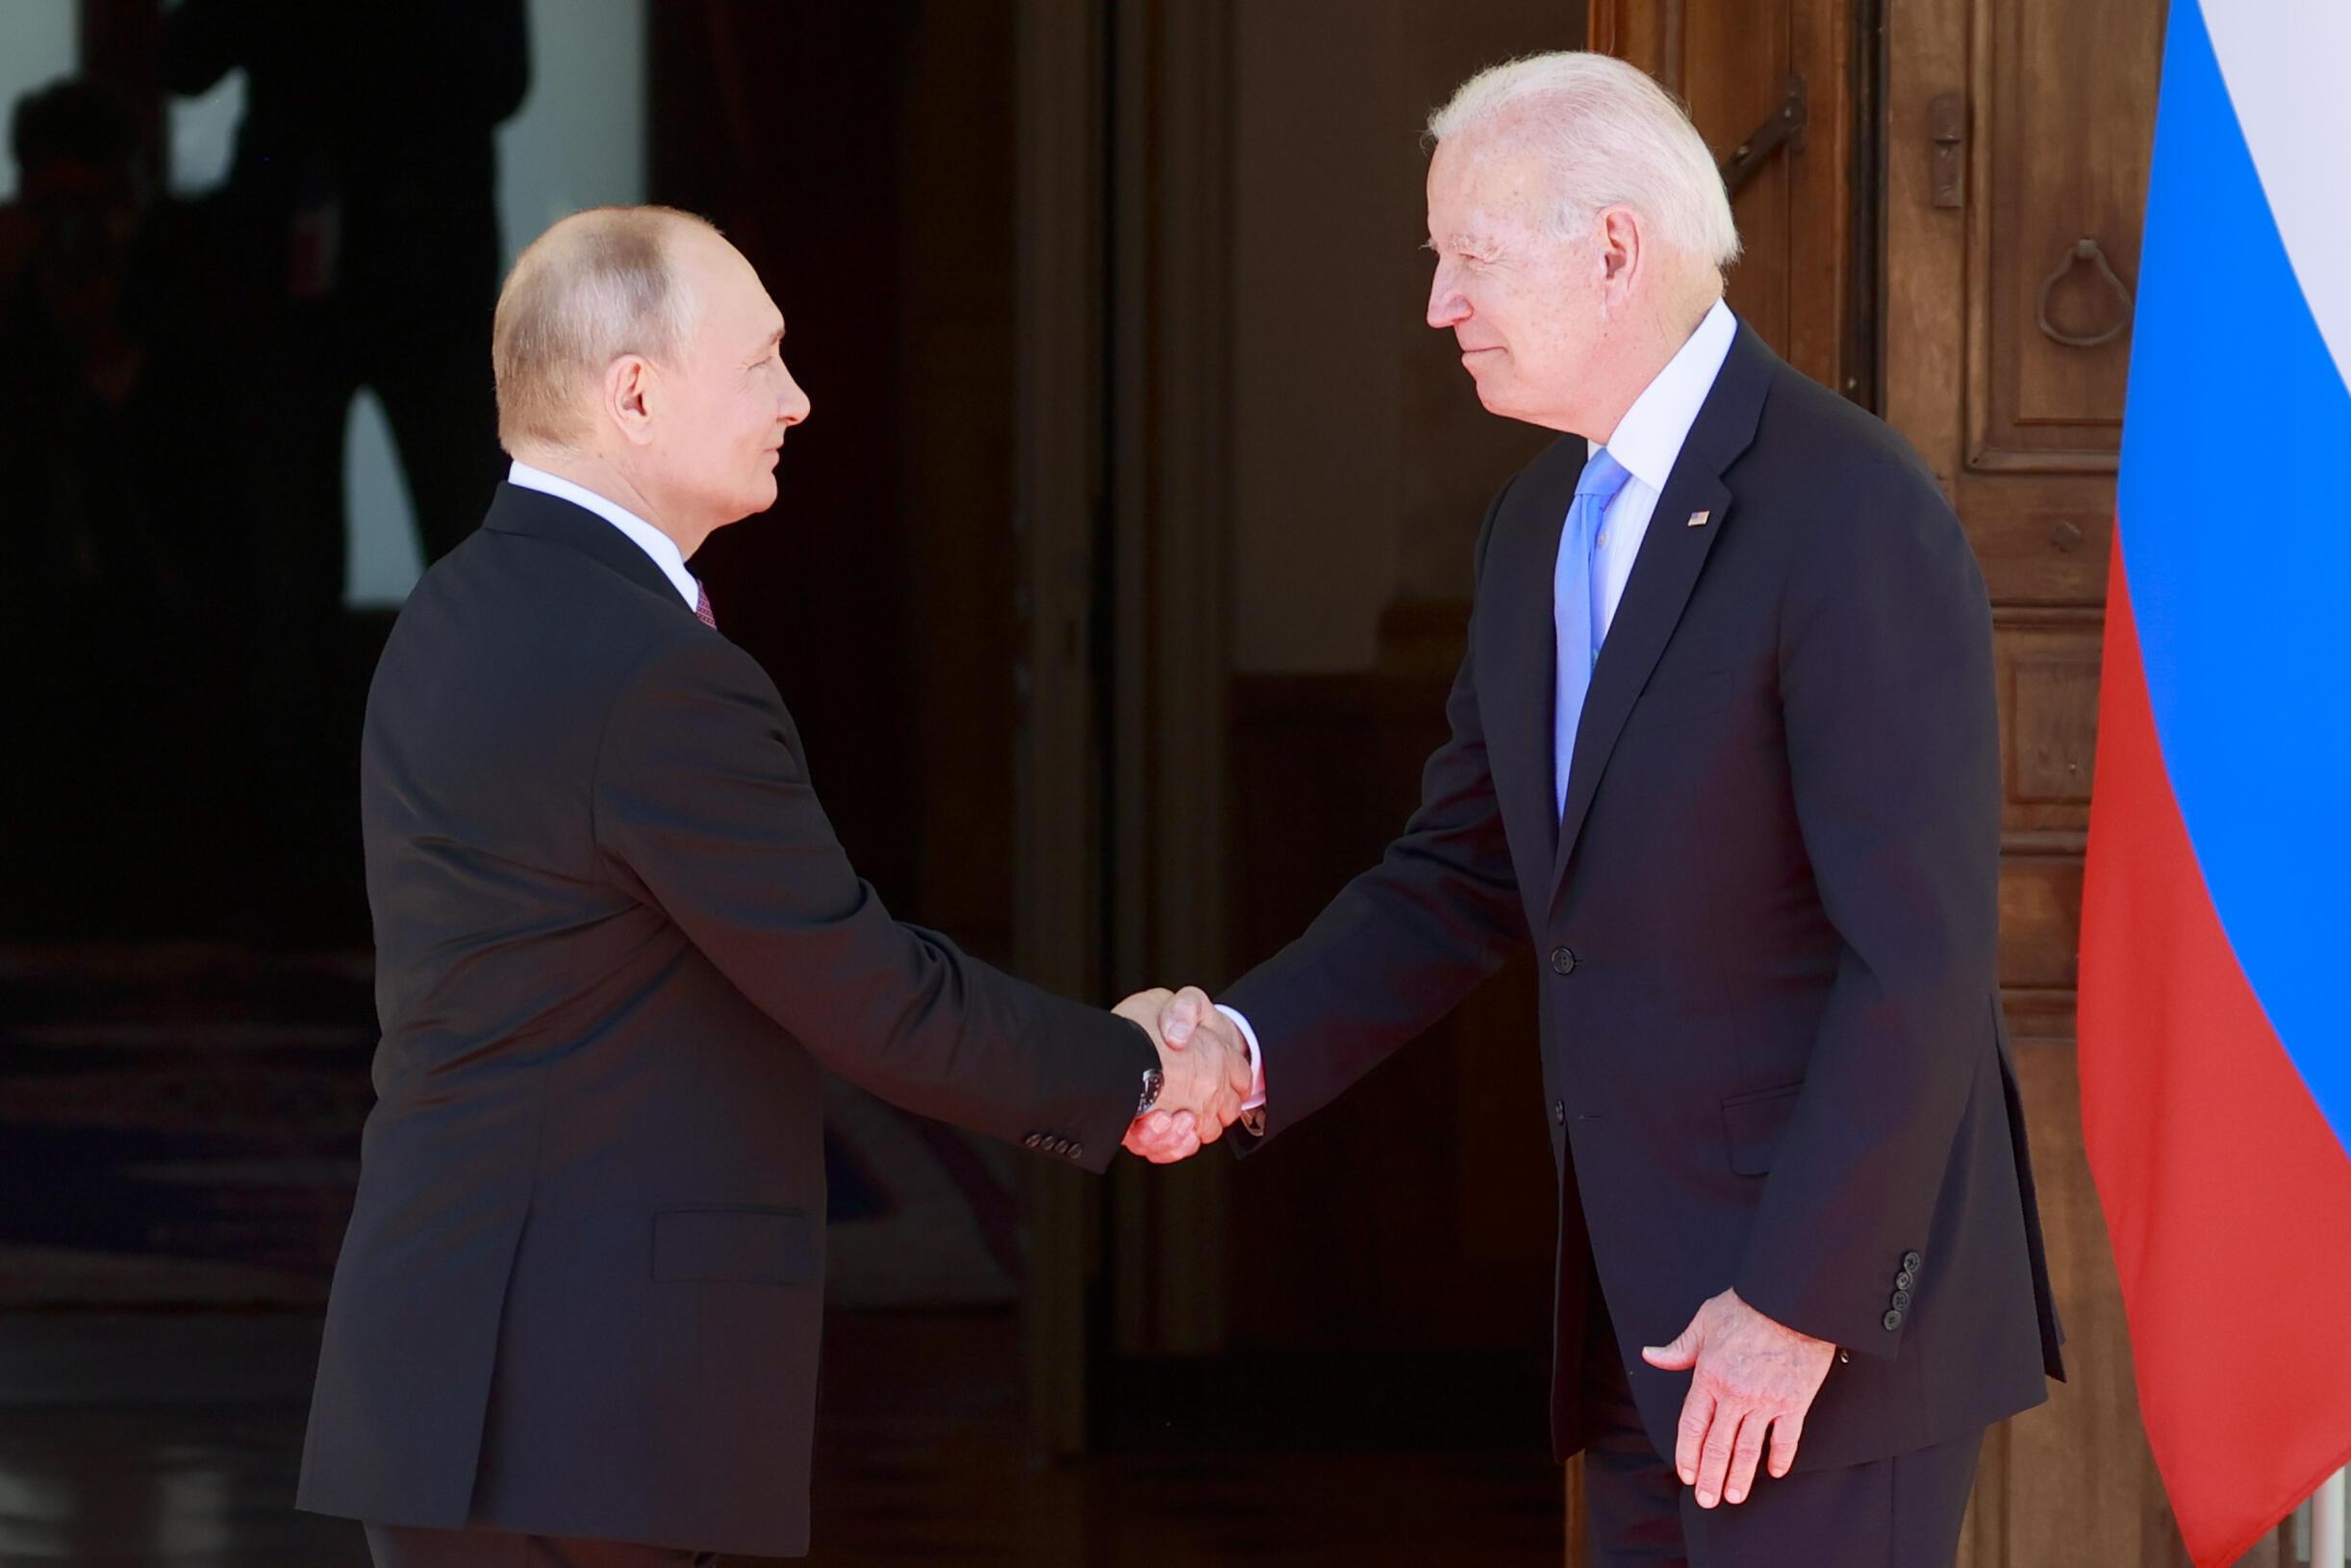 Tổng thống Nga Vladmir Putin và tổng thống Mỹ Joe Biden ngày 16/06/2021, tại Genève, Thụy Sĩ.